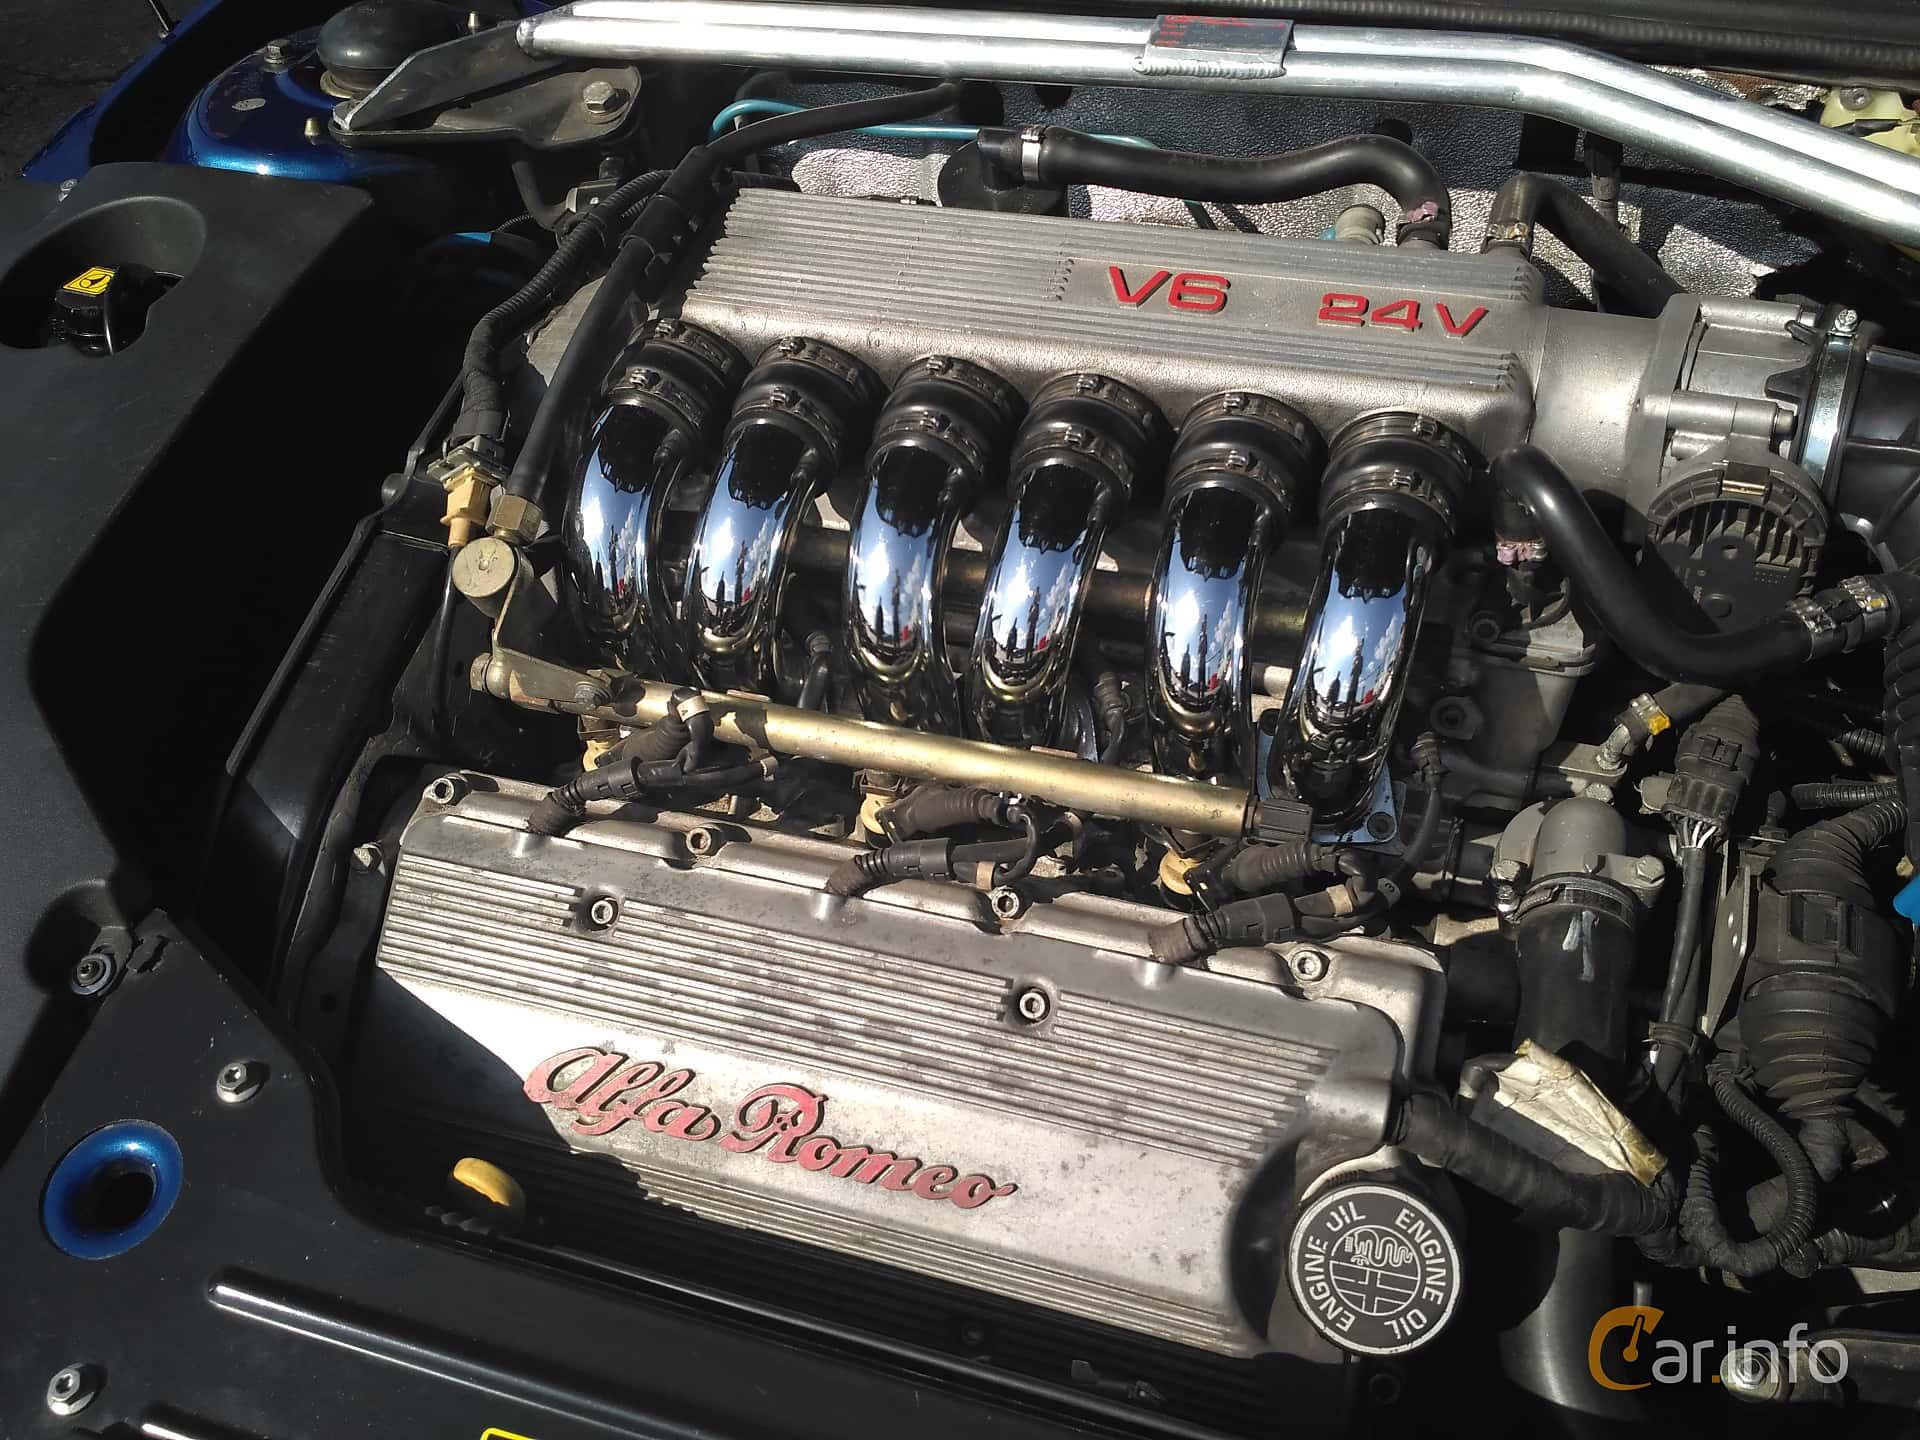 Alfa Romeo GTV 3.0 V6 Manual, 220hp, 1999 at Old Car Land no.